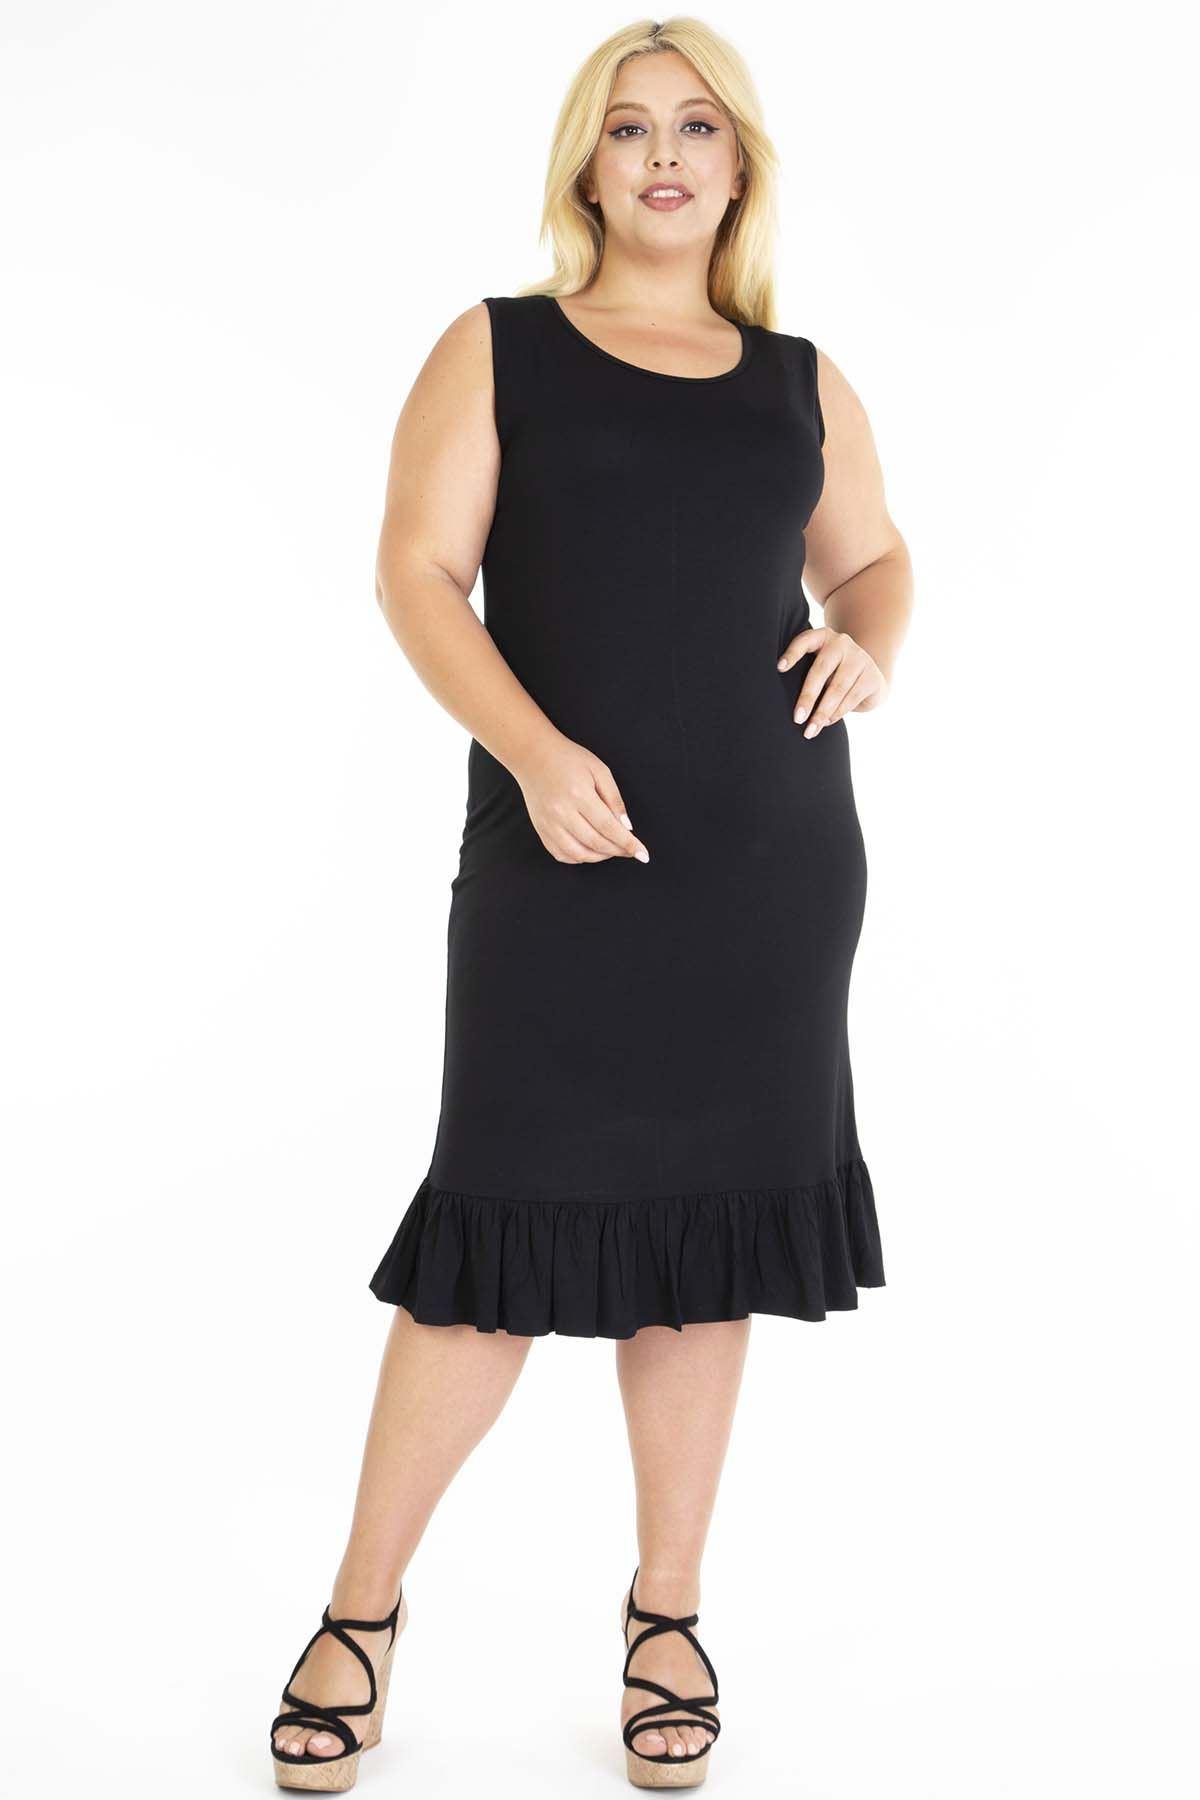 Siyah Eteği Fırfırlı Askılı Büyük Beden Elbise 25D-1201